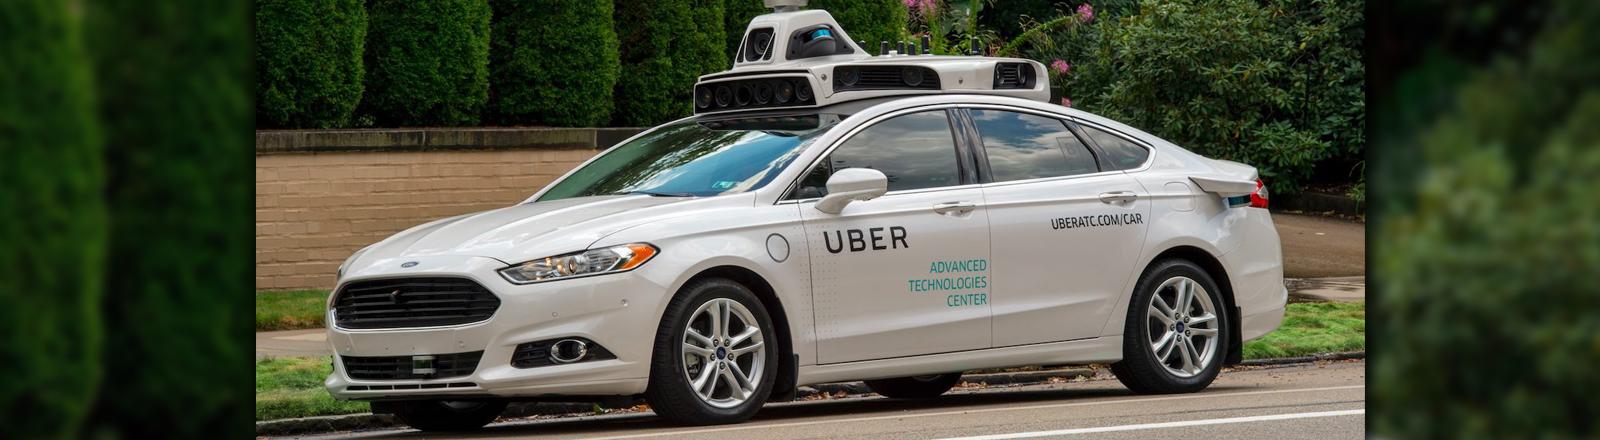 Eines des autonomen Autos von Uber - Testfahrzeug